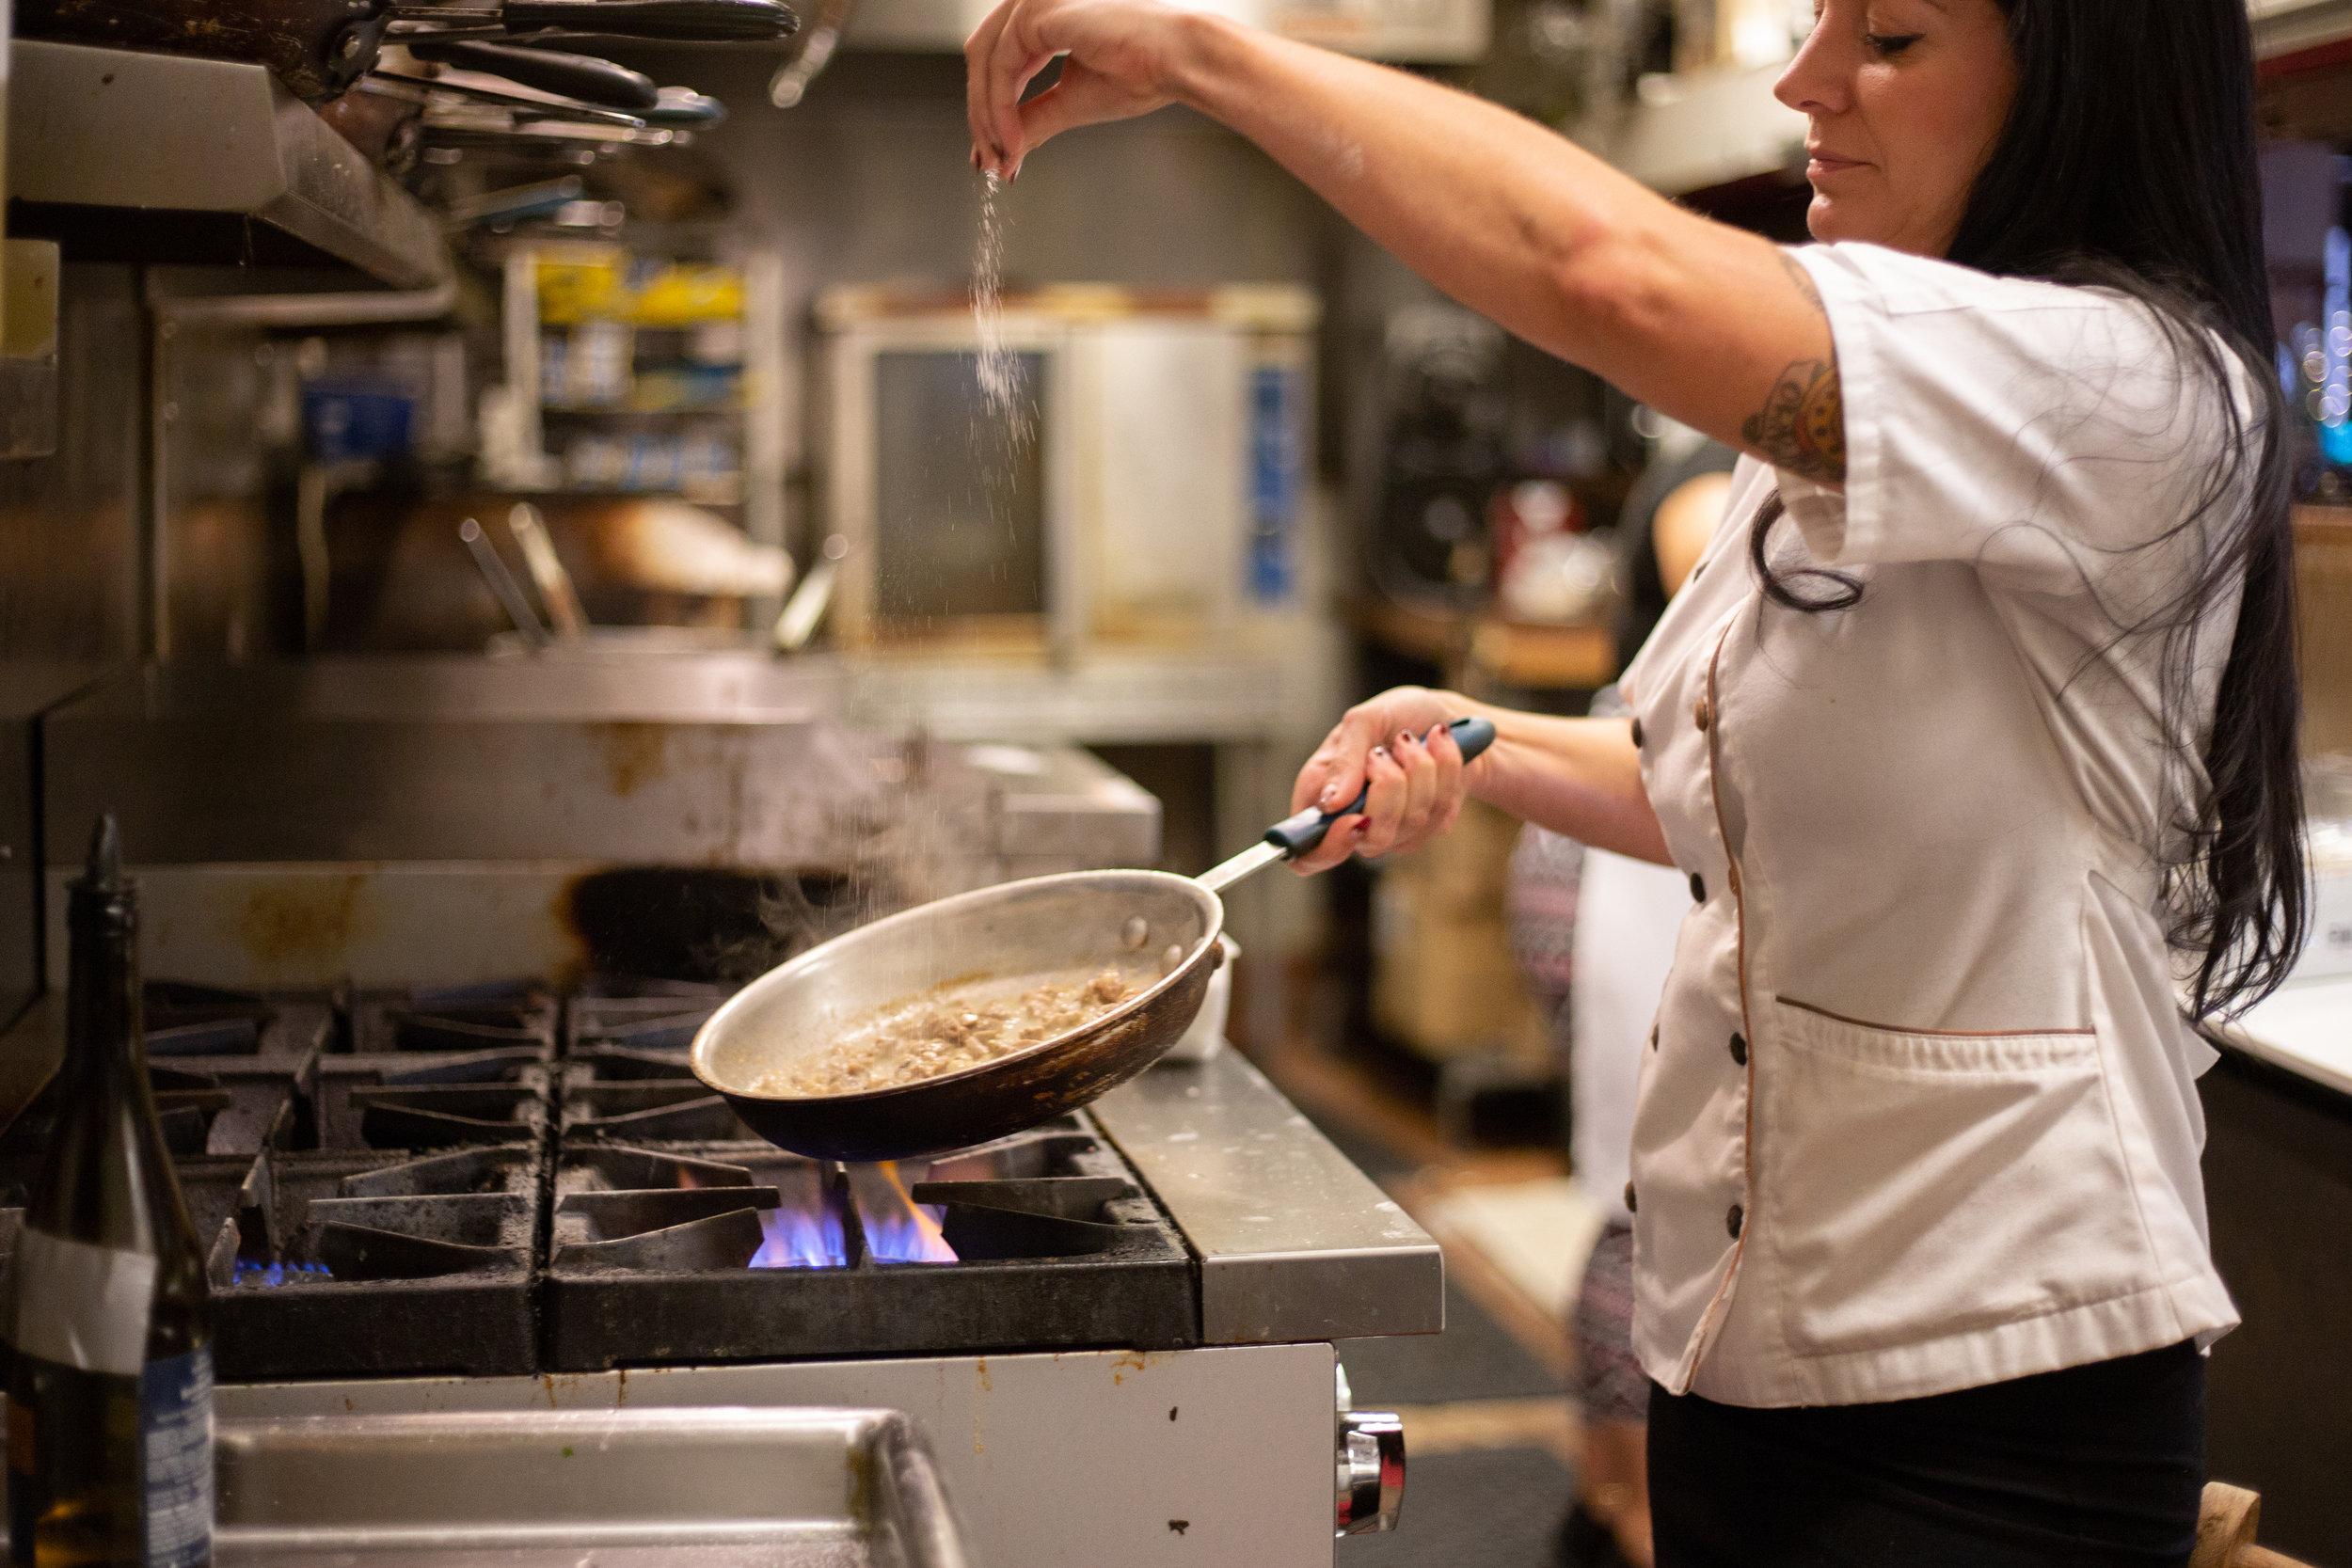 Chef_Emma_Emanuela_Calcara_eBella_Palladio_Nicole_nixon-36-of-50.jpg